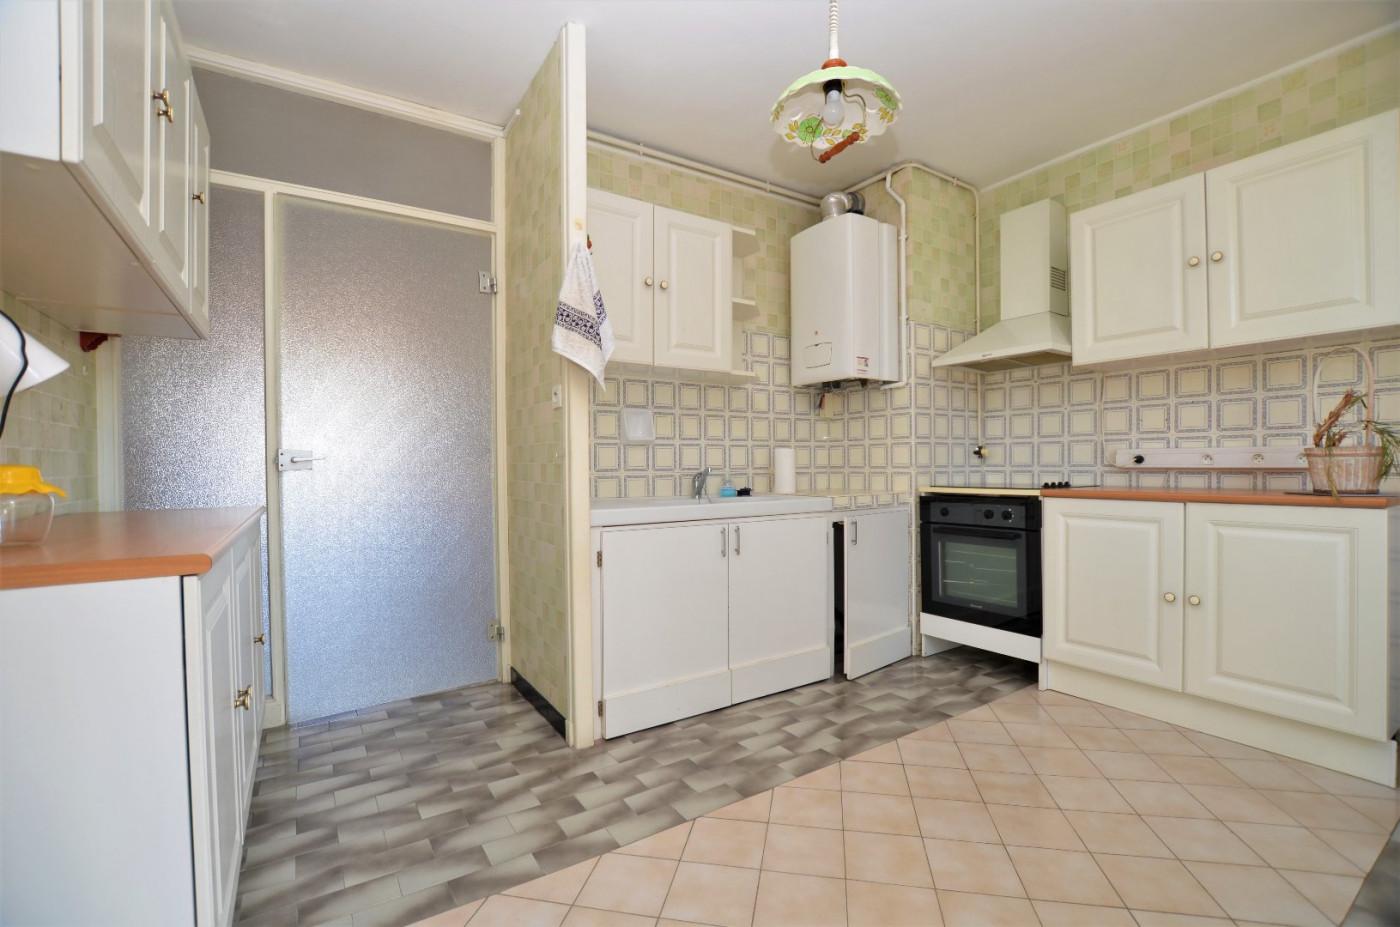 A vendre  Beziers | Réf 346572137 - Vives immobilier